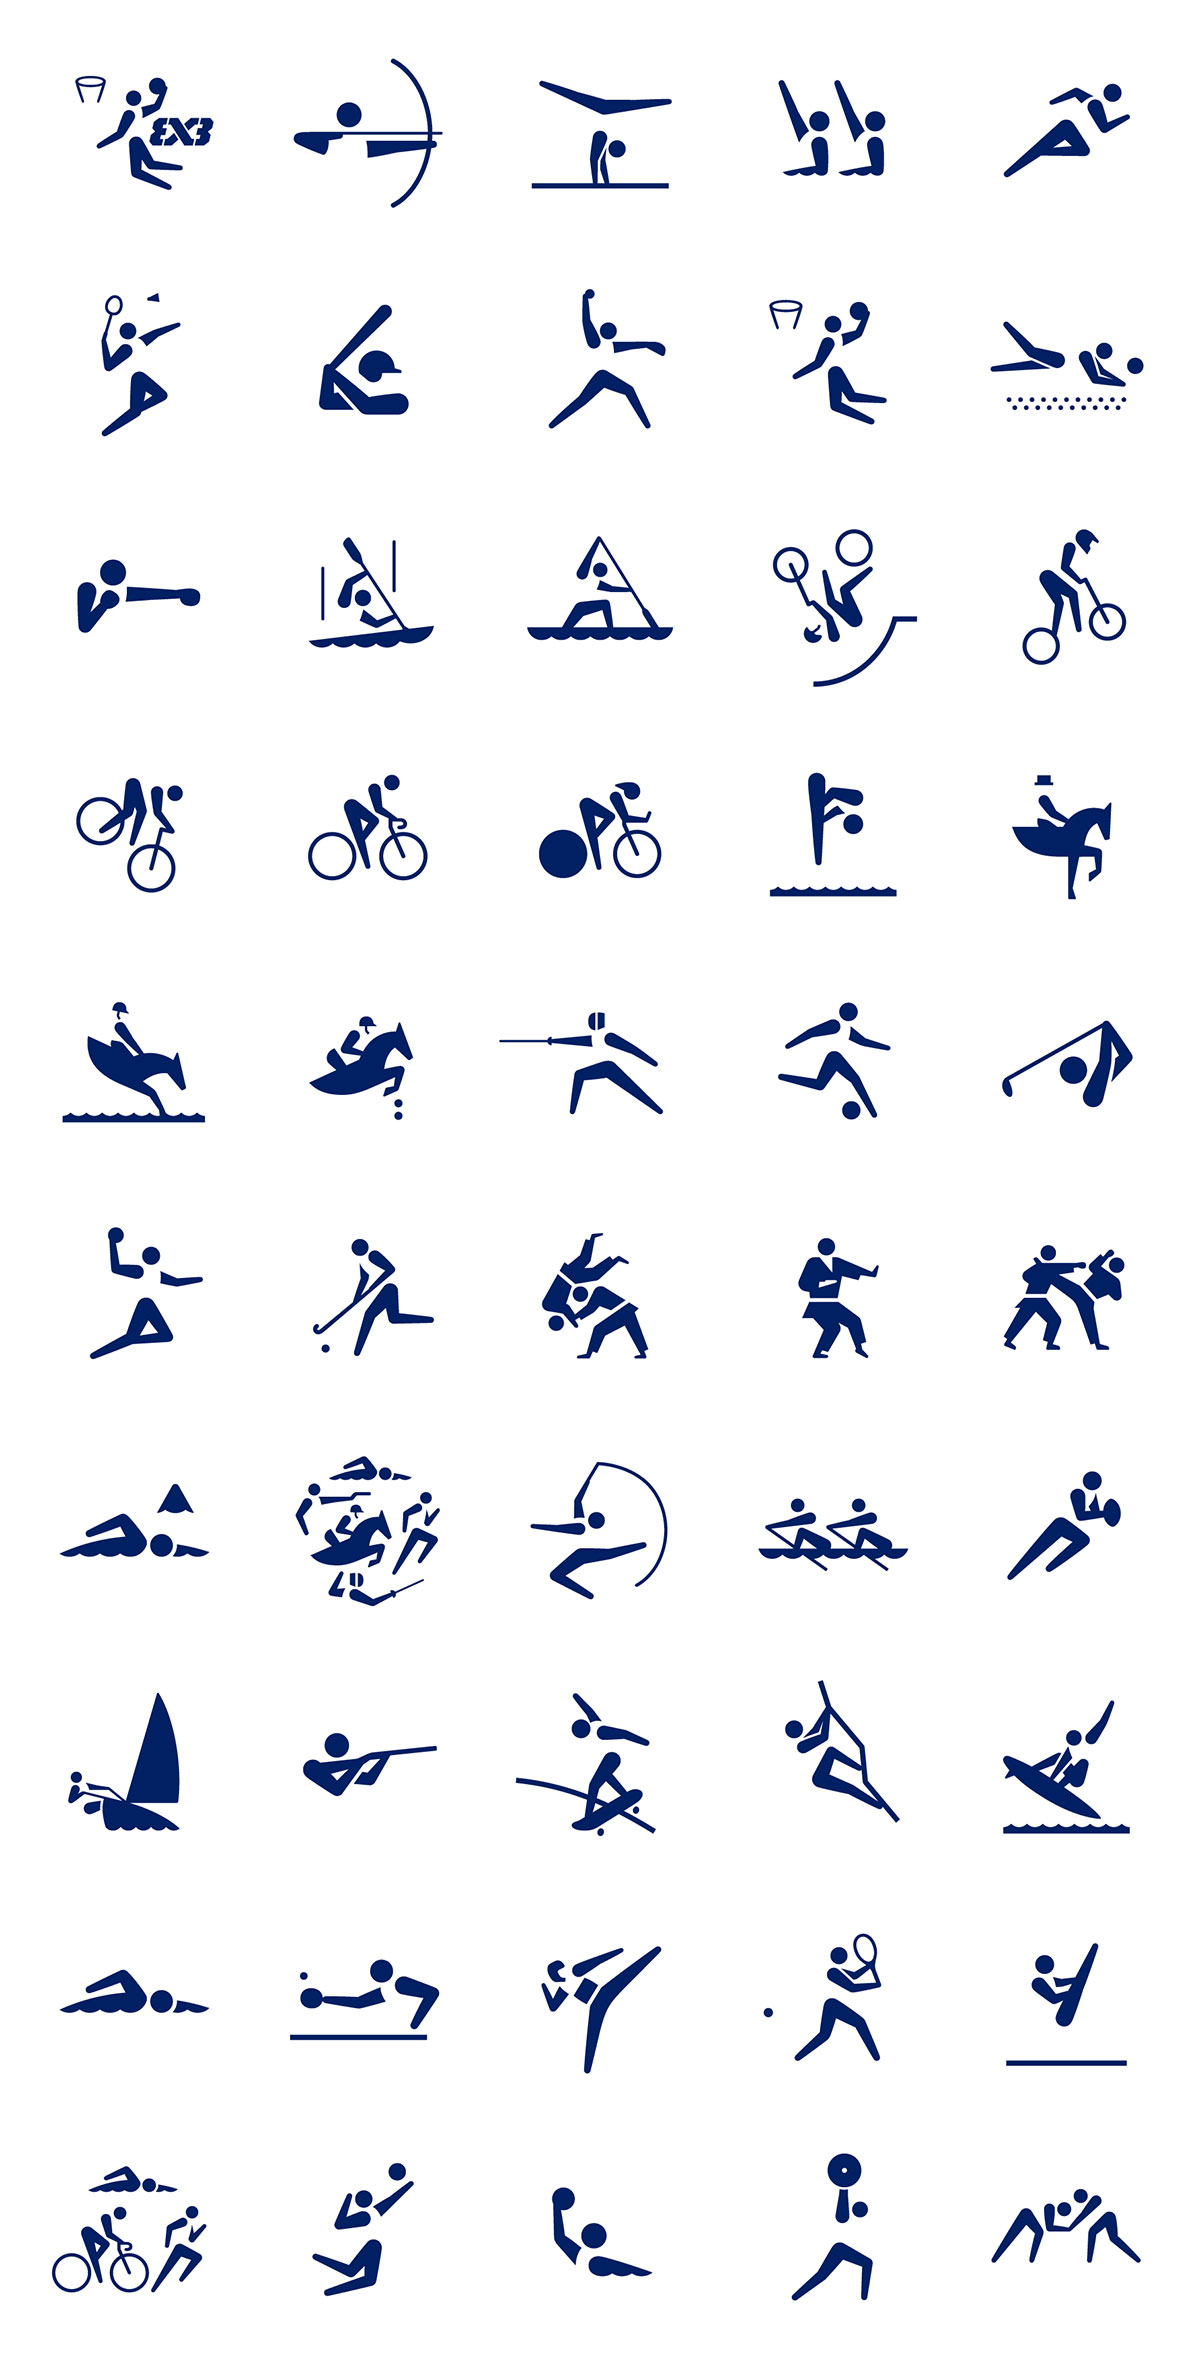 東京 2020 オリンピックスポーツピクトグラムデザイン一覧